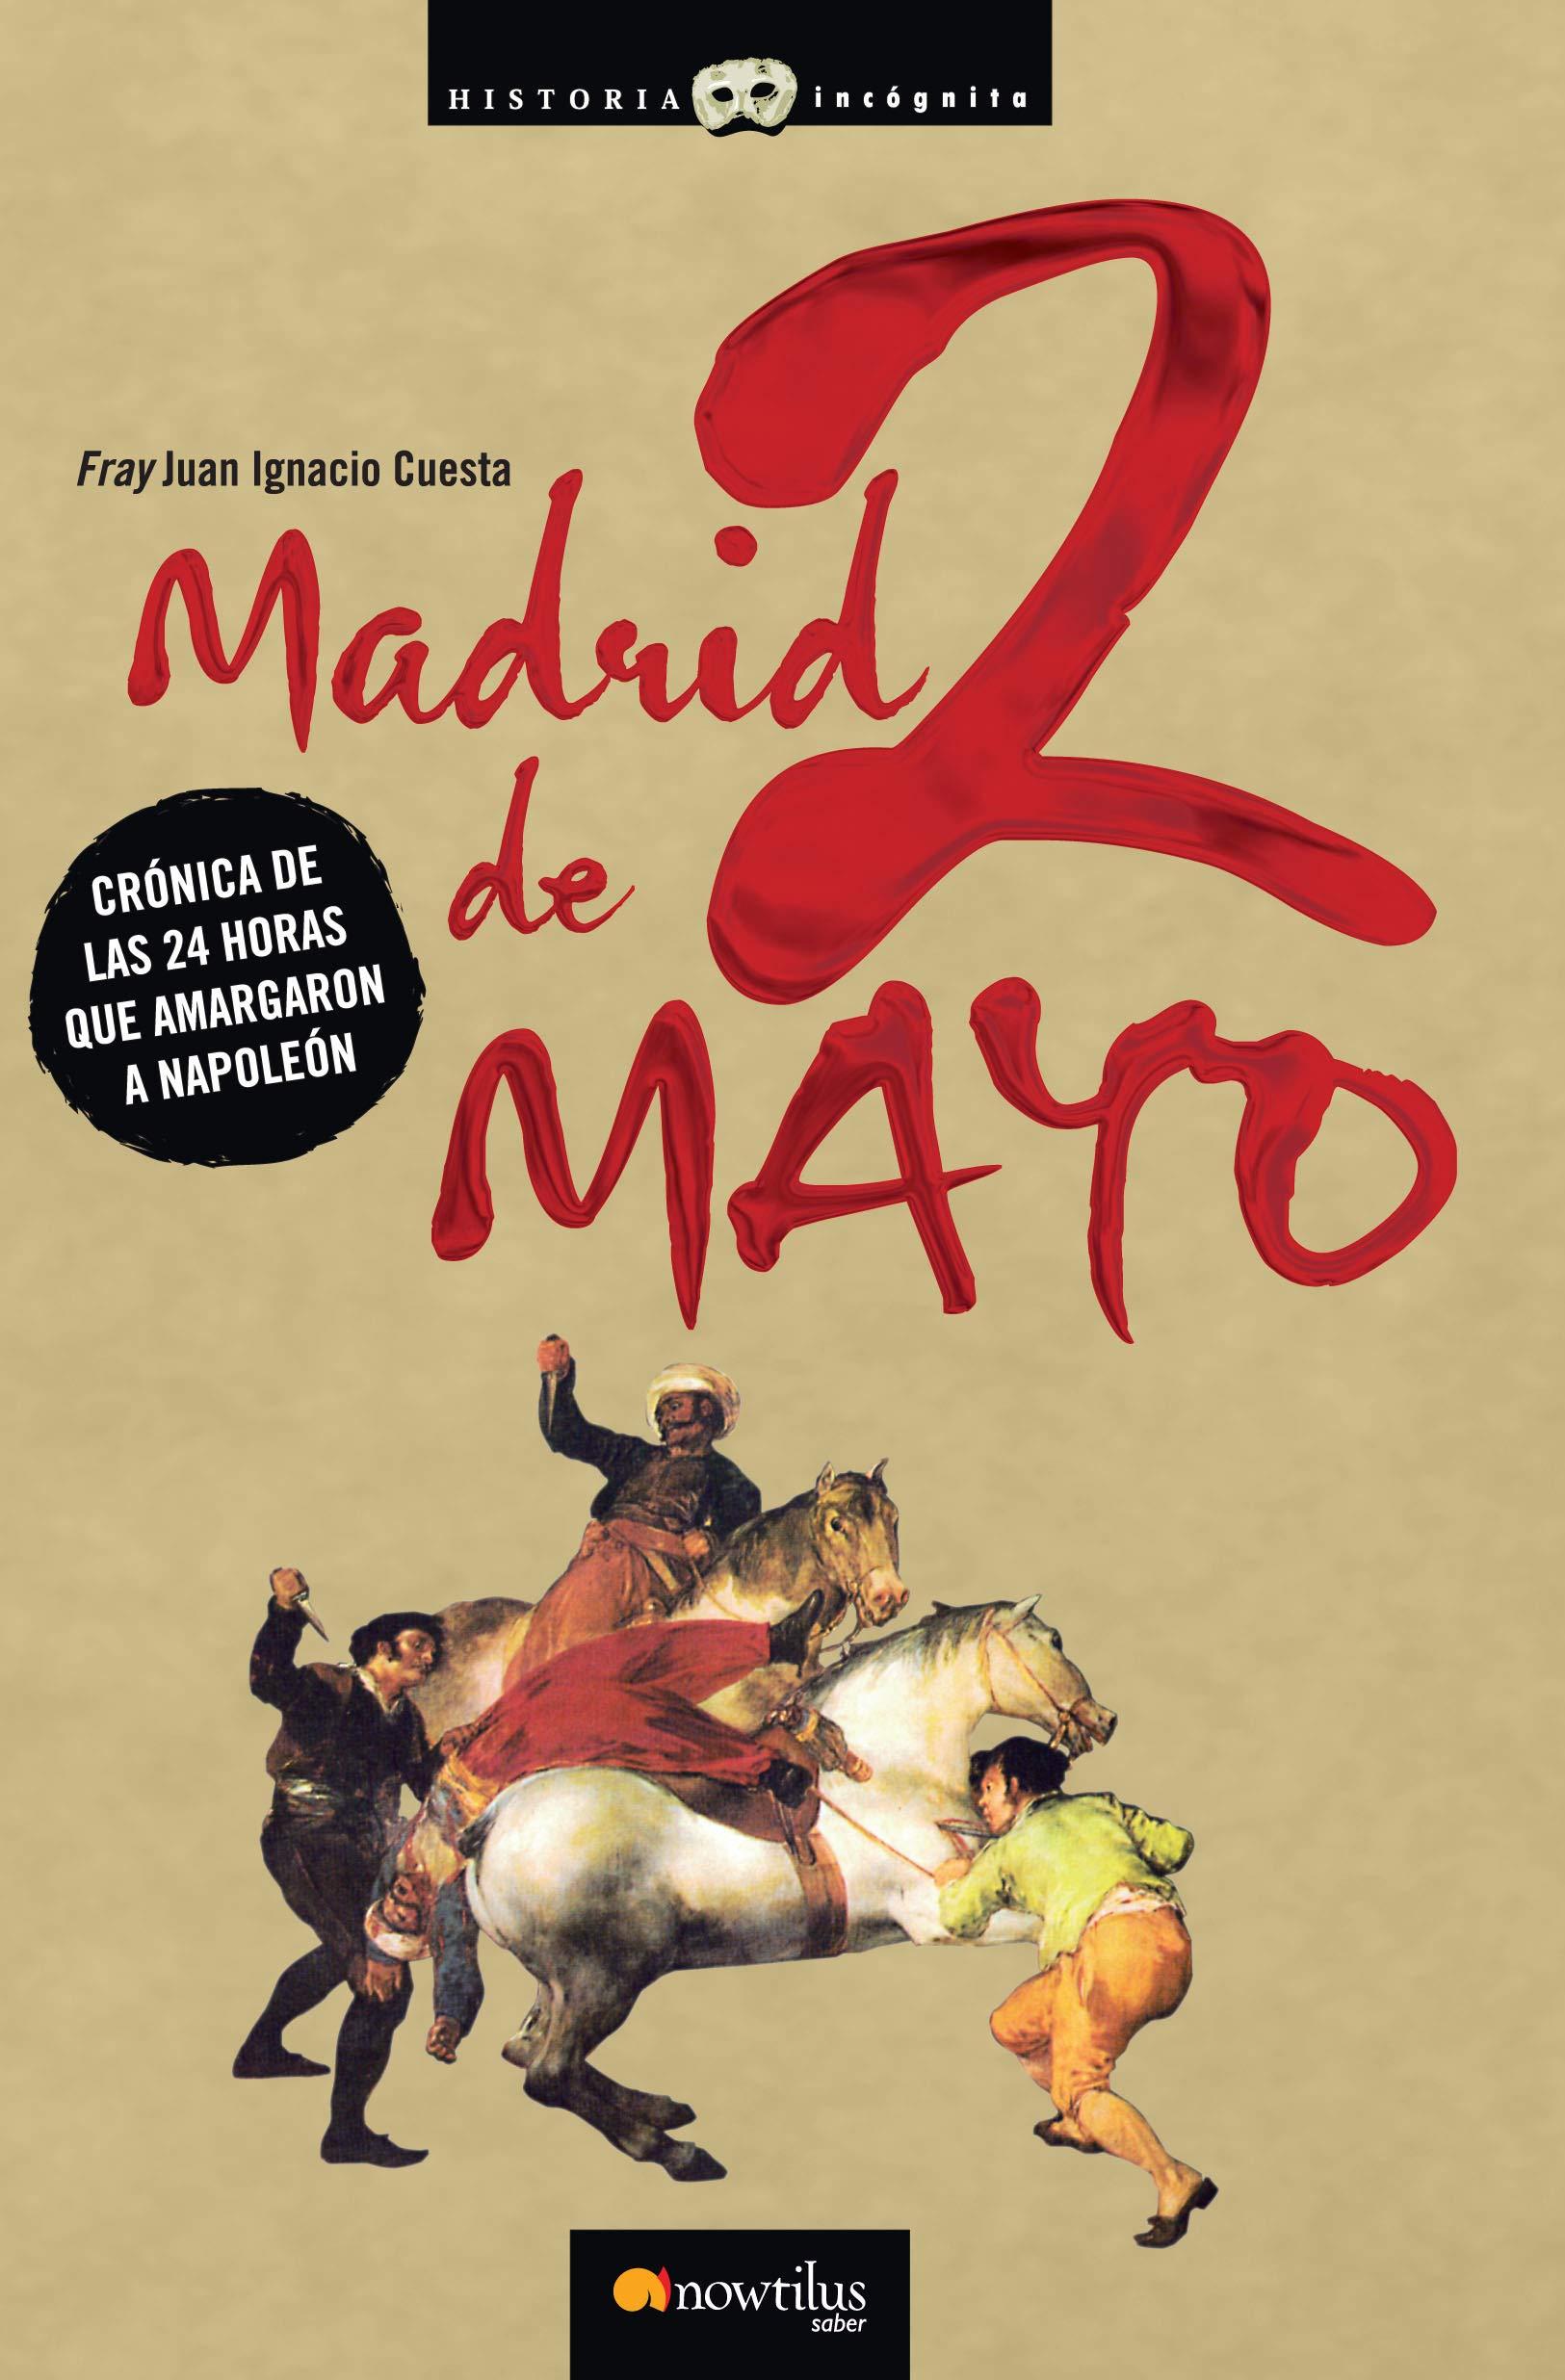 Madrid, 2 de Mayo: Las 24 horas que amargaron a Napoleón Versión ...